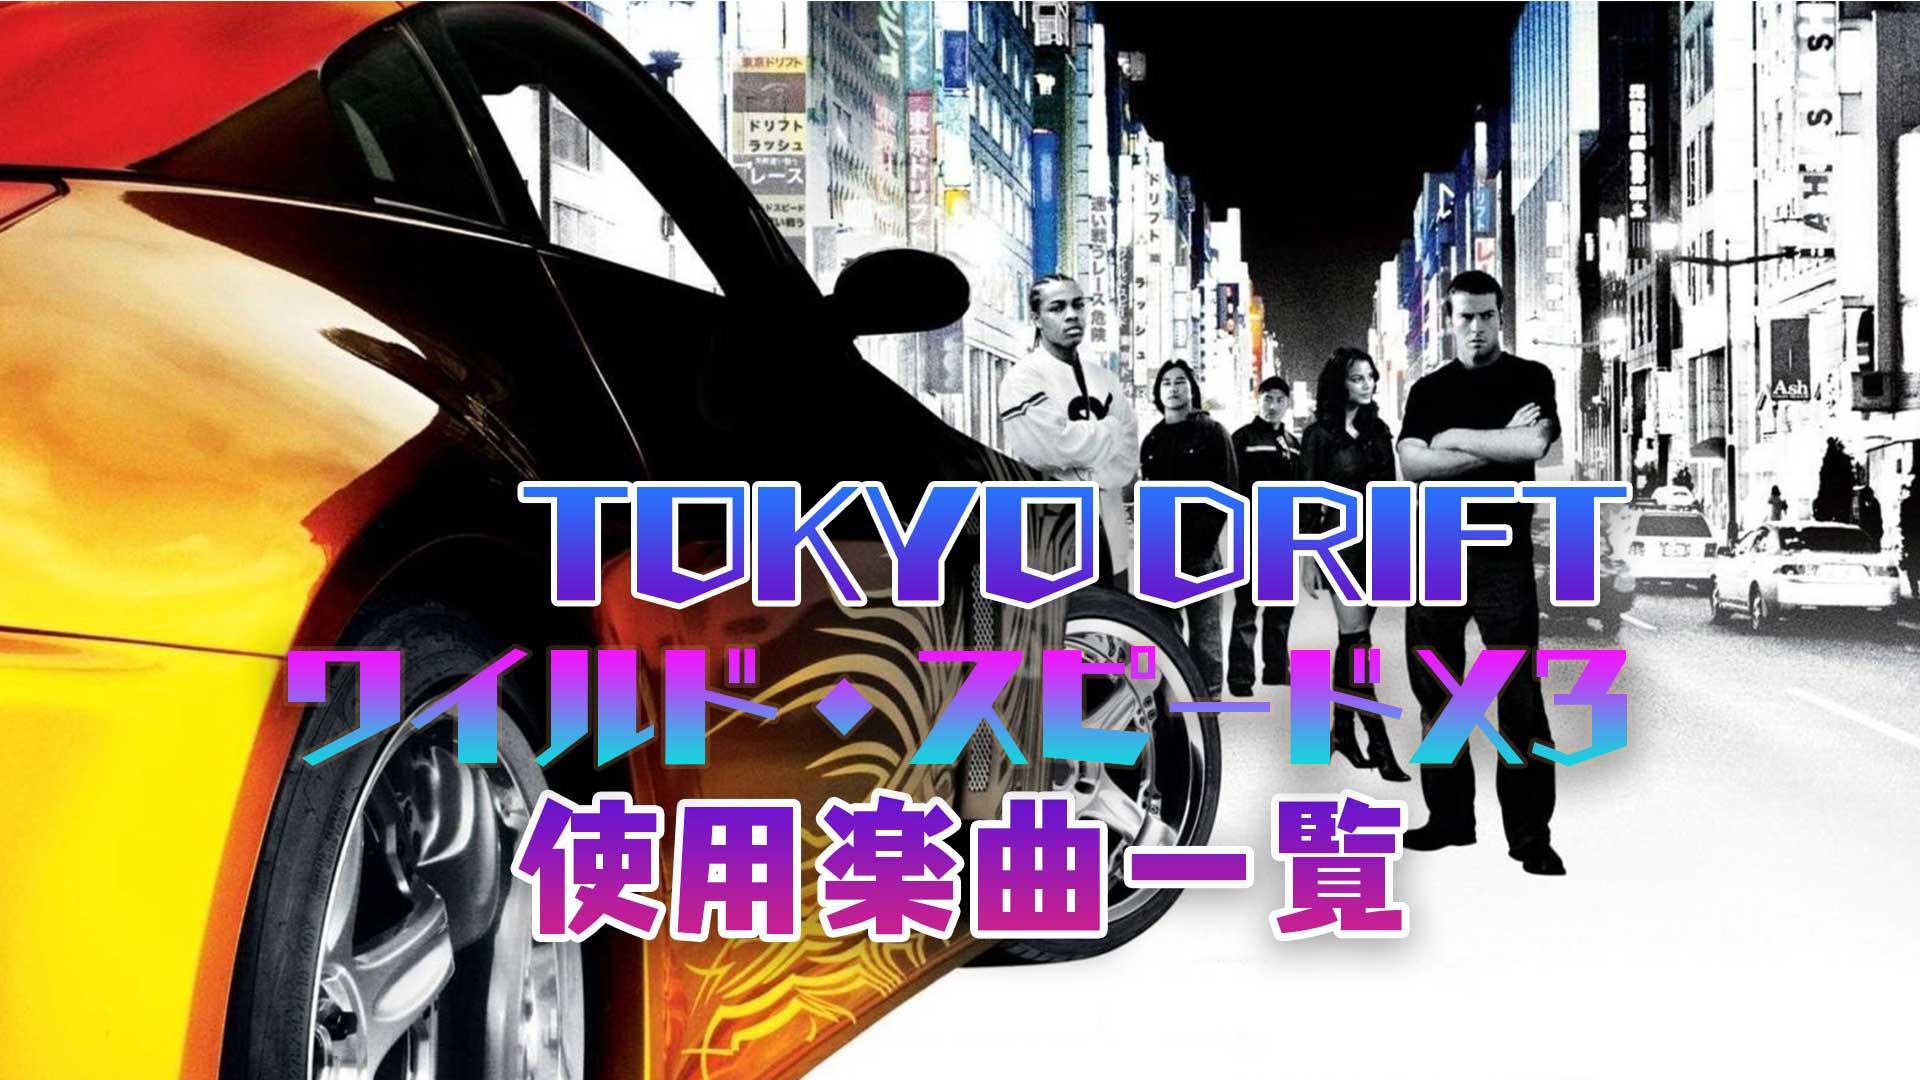 映画『ワイルド・スピードX3 TOKYO DRIFT』で使われている曲まとめ!